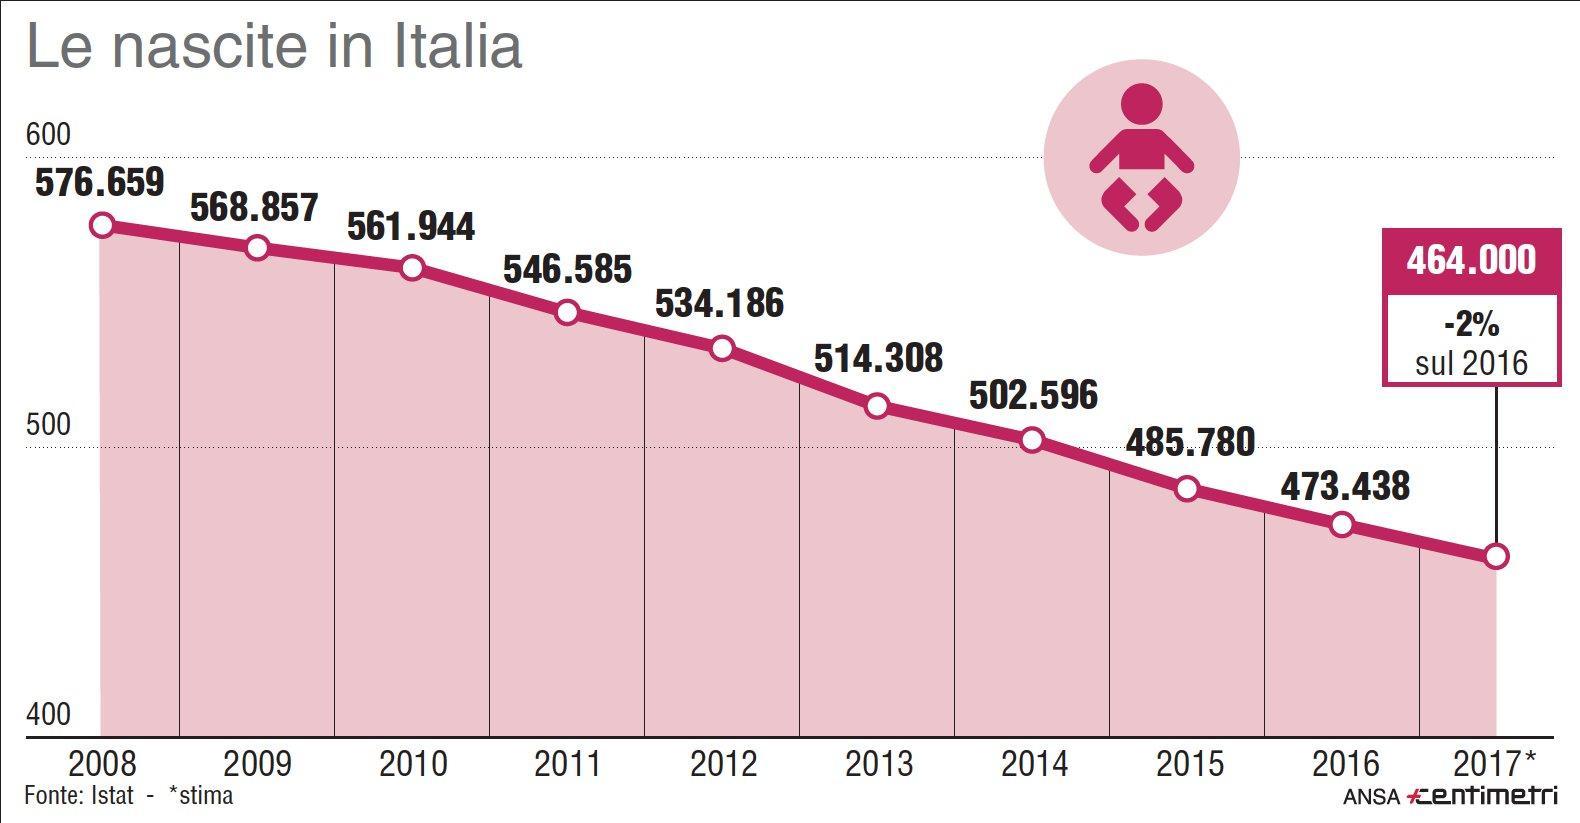 Le nascite in Italia, il calo non si arresta